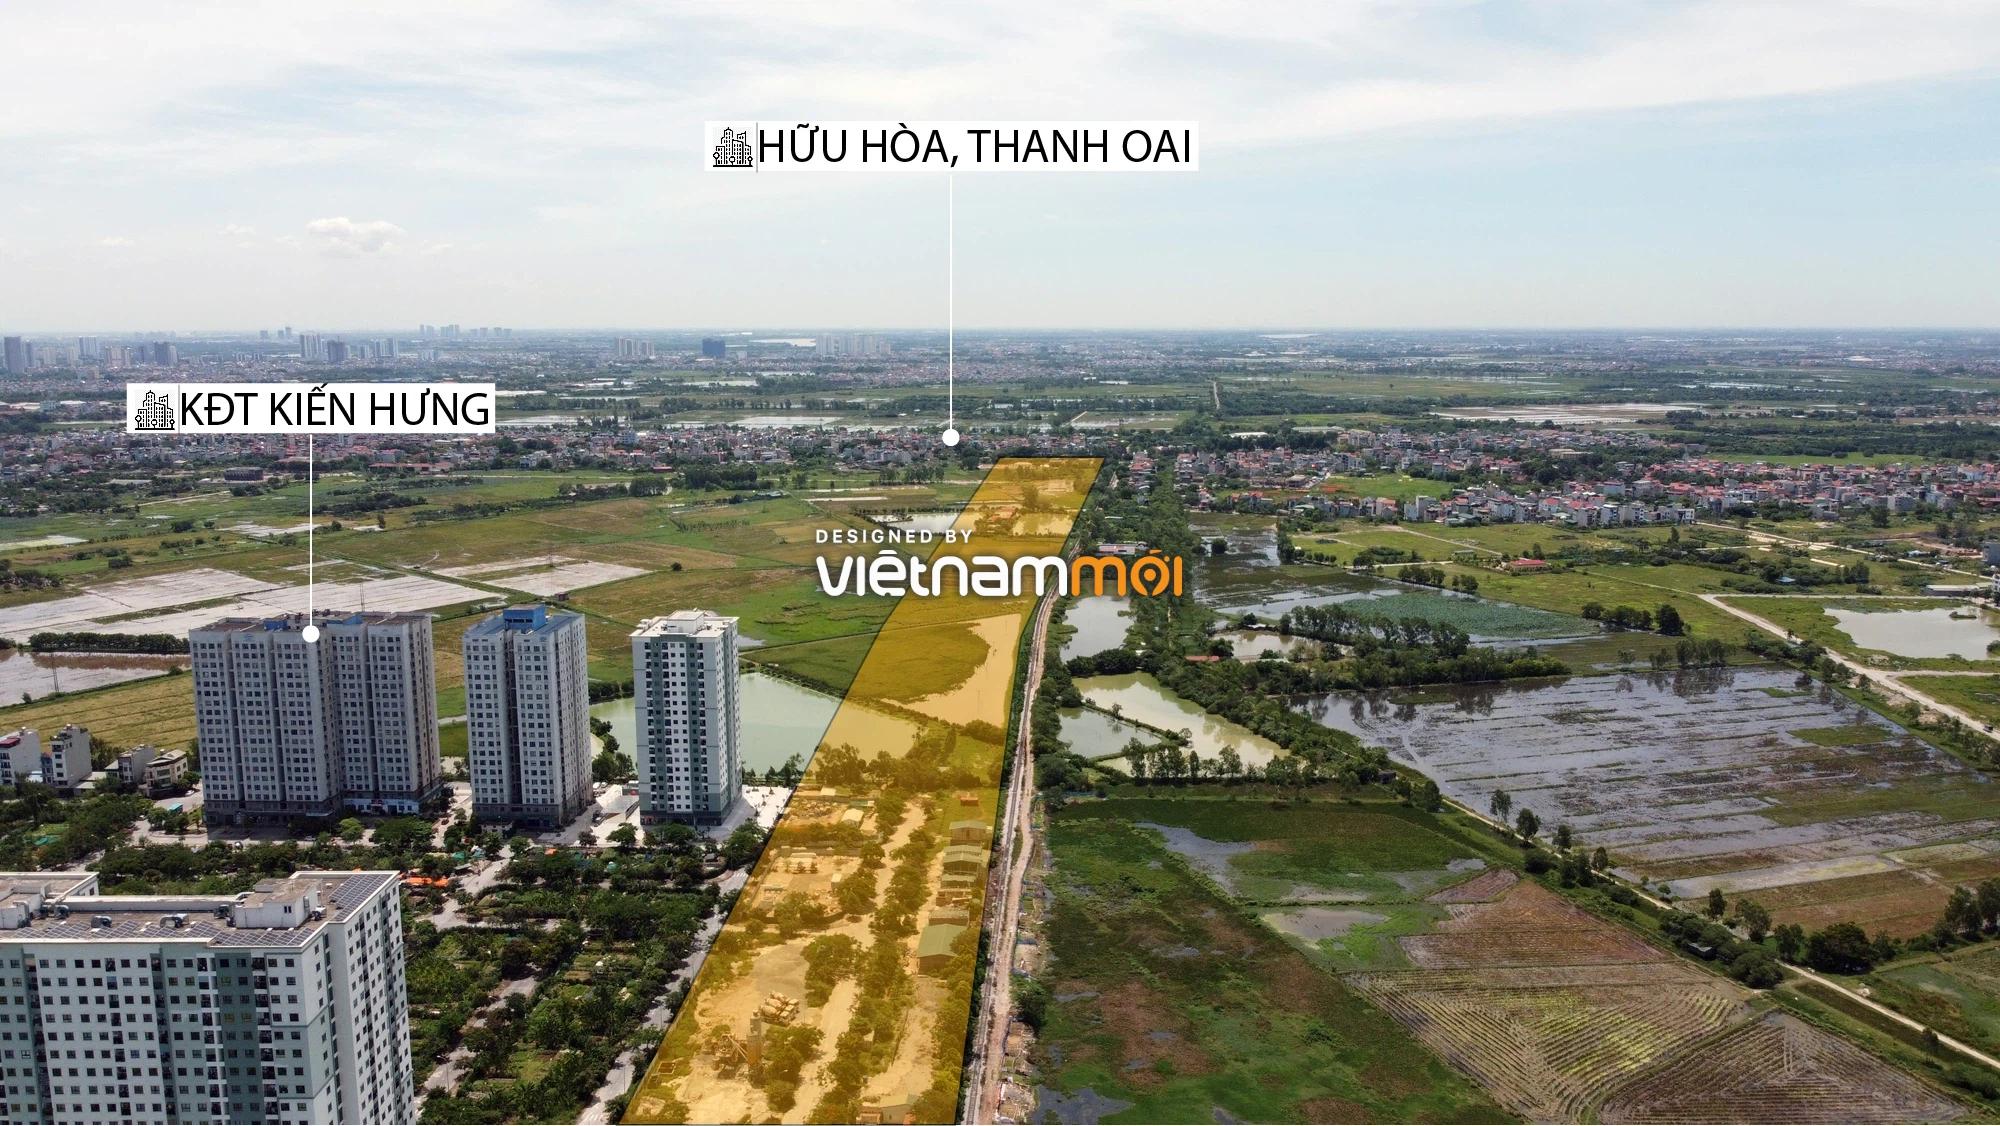 Đường Vành đai 3,5 sẽ mở theo quy hoạch qua quận Hà Đông, Hà Nội - Ảnh 15.